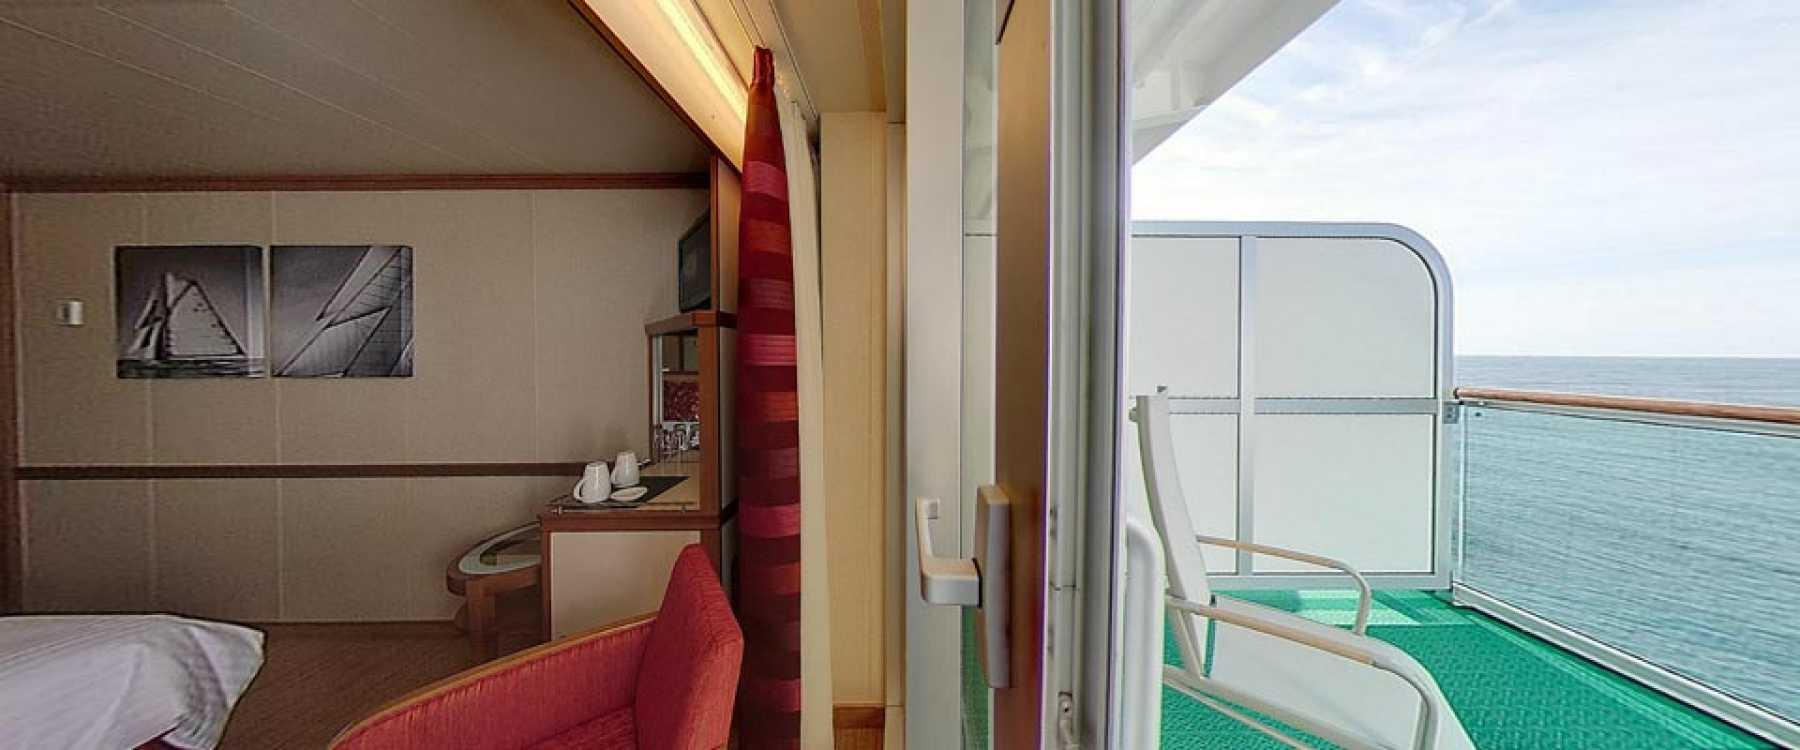 P&O Cruises Azura Accommodation Balcony Cabin.jpg